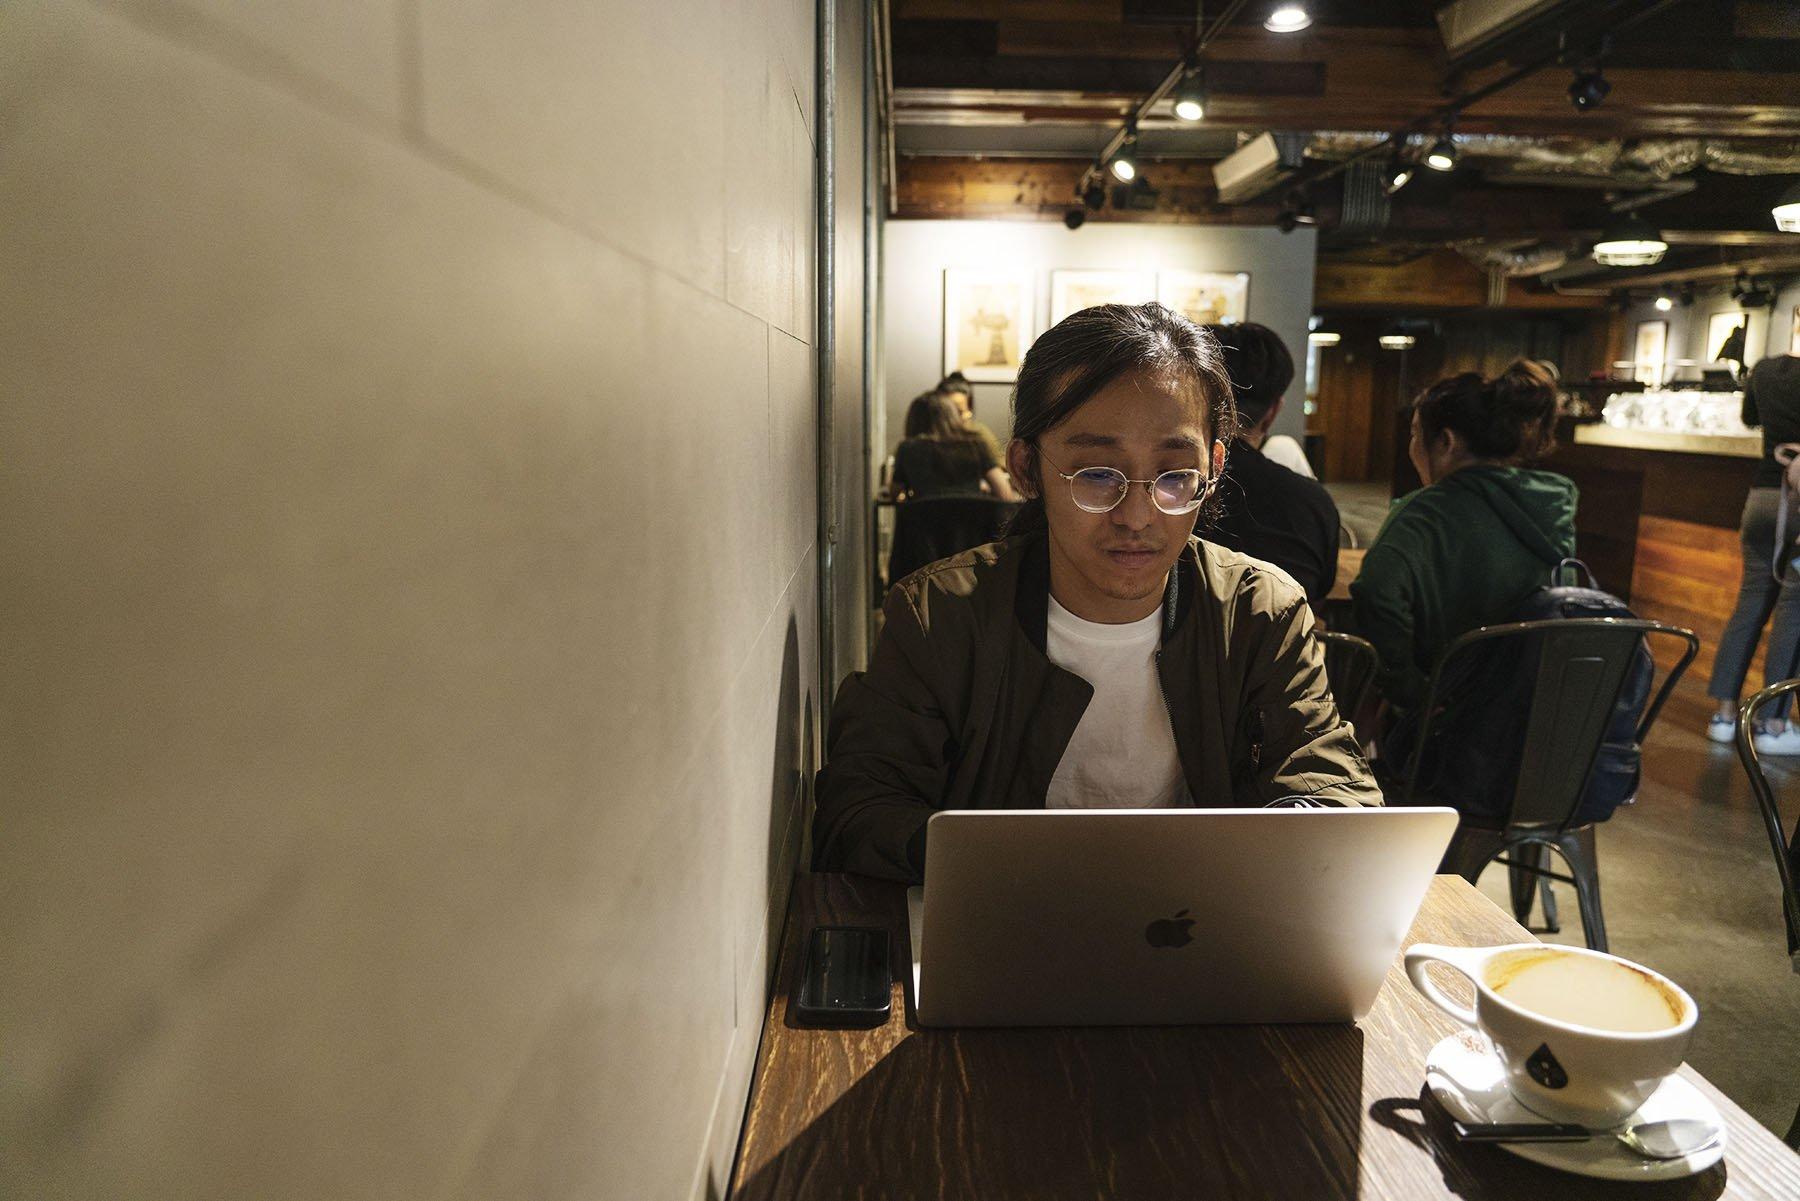 遠距工作 是否能成為「新時代的工作模式」?—專訪 遠距工作者 / Remote Taiwan 創辦人:Andrew 葉濬慈